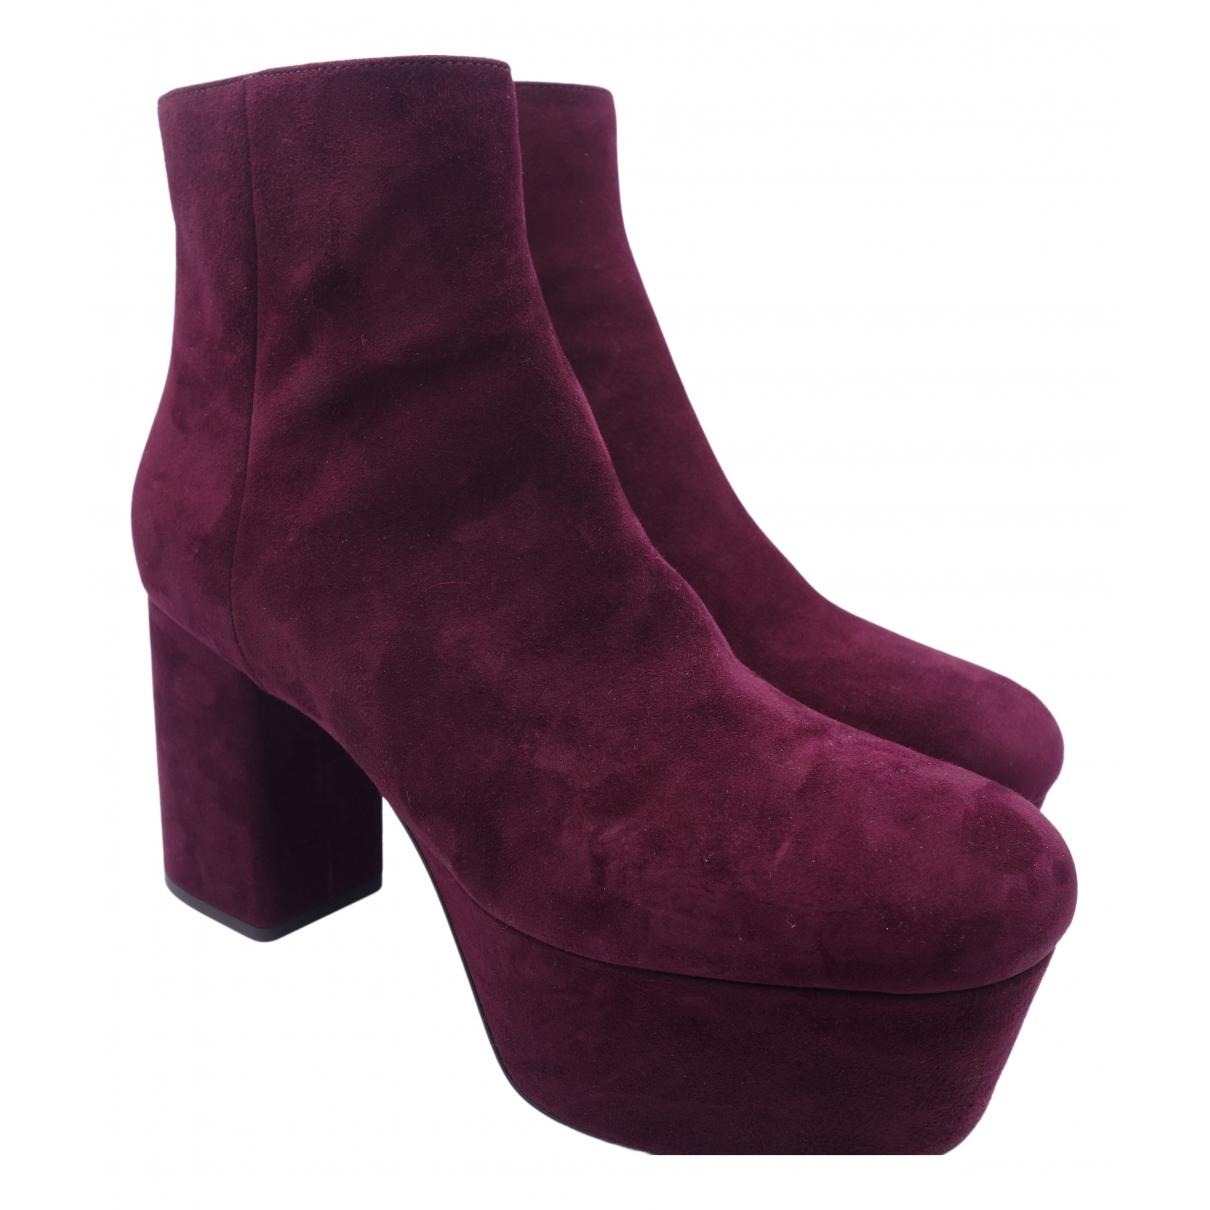 Prada N Burgundy Velvet Boots for Women 40.5 EU